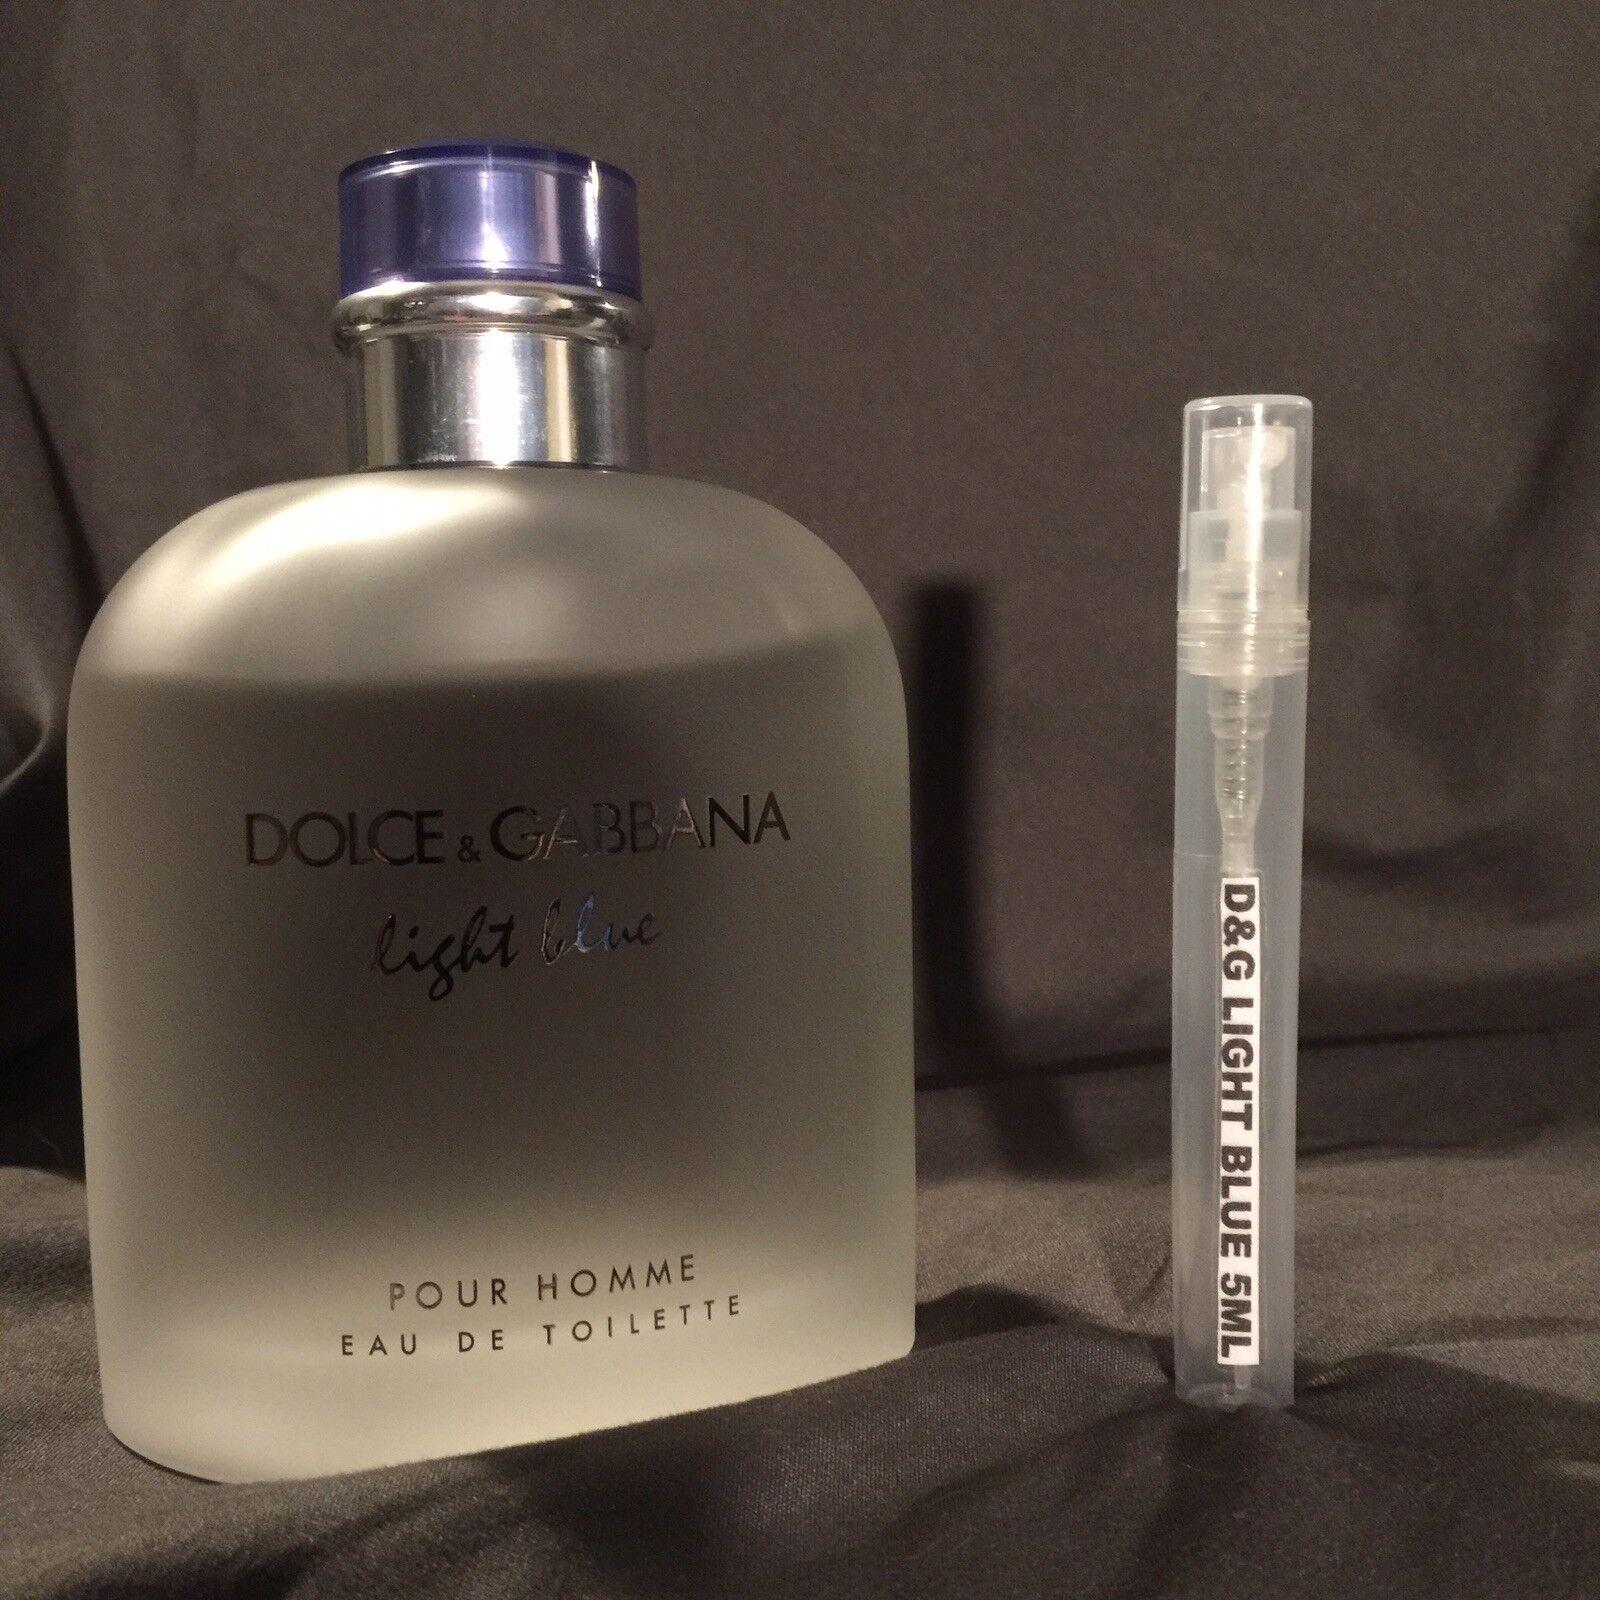 DOLCE & GABBANA LIGHT BLUE Men's EDT Cologne SAMPLE 5ML DECA